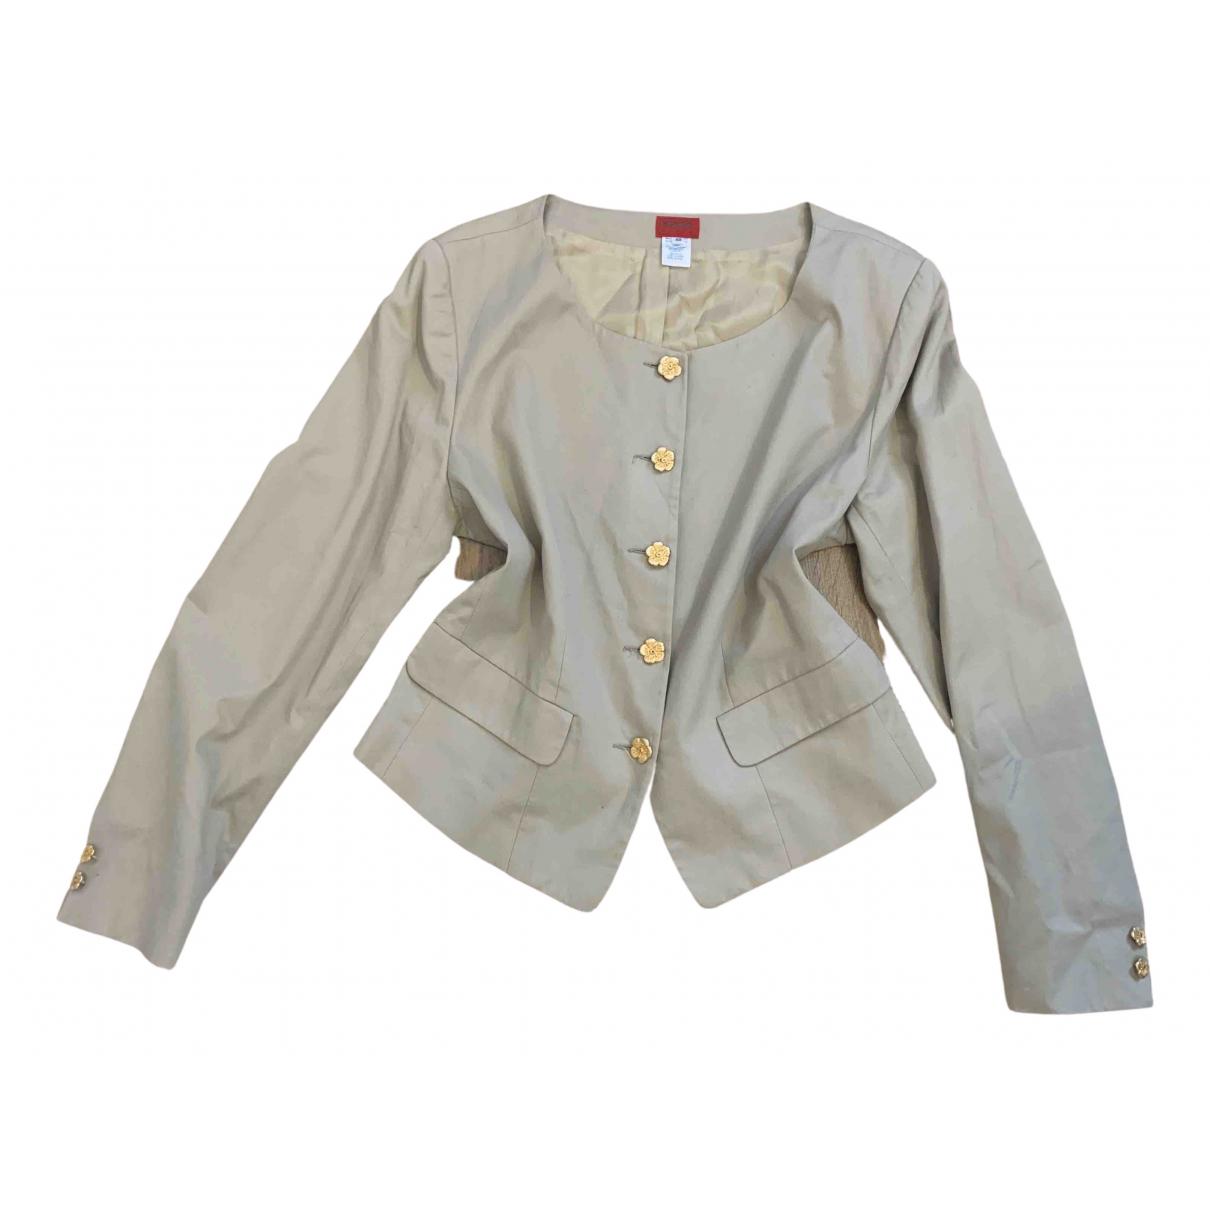 Kenzo \N Beige Cotton jacket for Women 42 IT